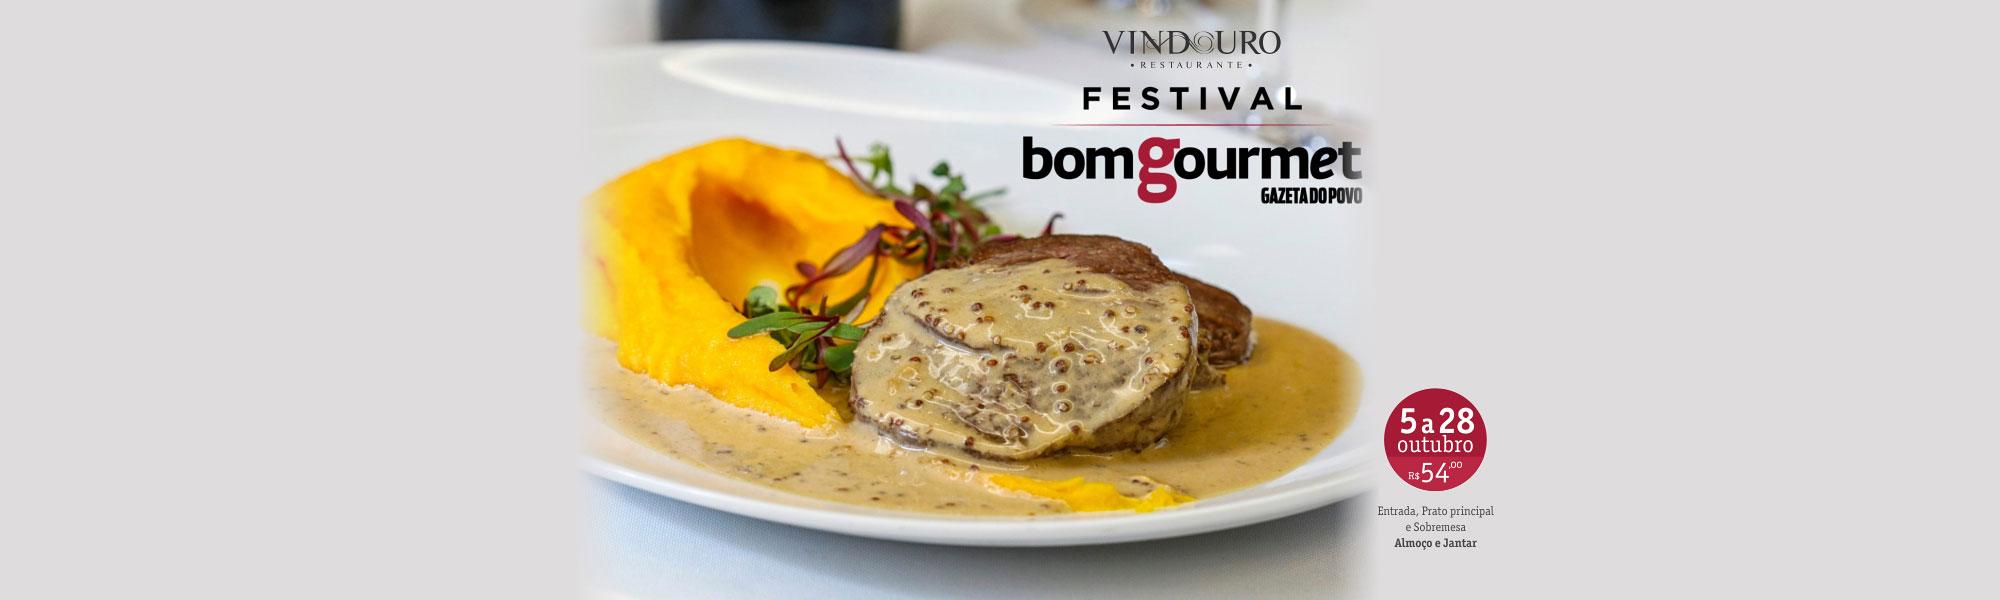 Festival Bom Gourmet no Restaurante Vindouro - Almoço e Jantar